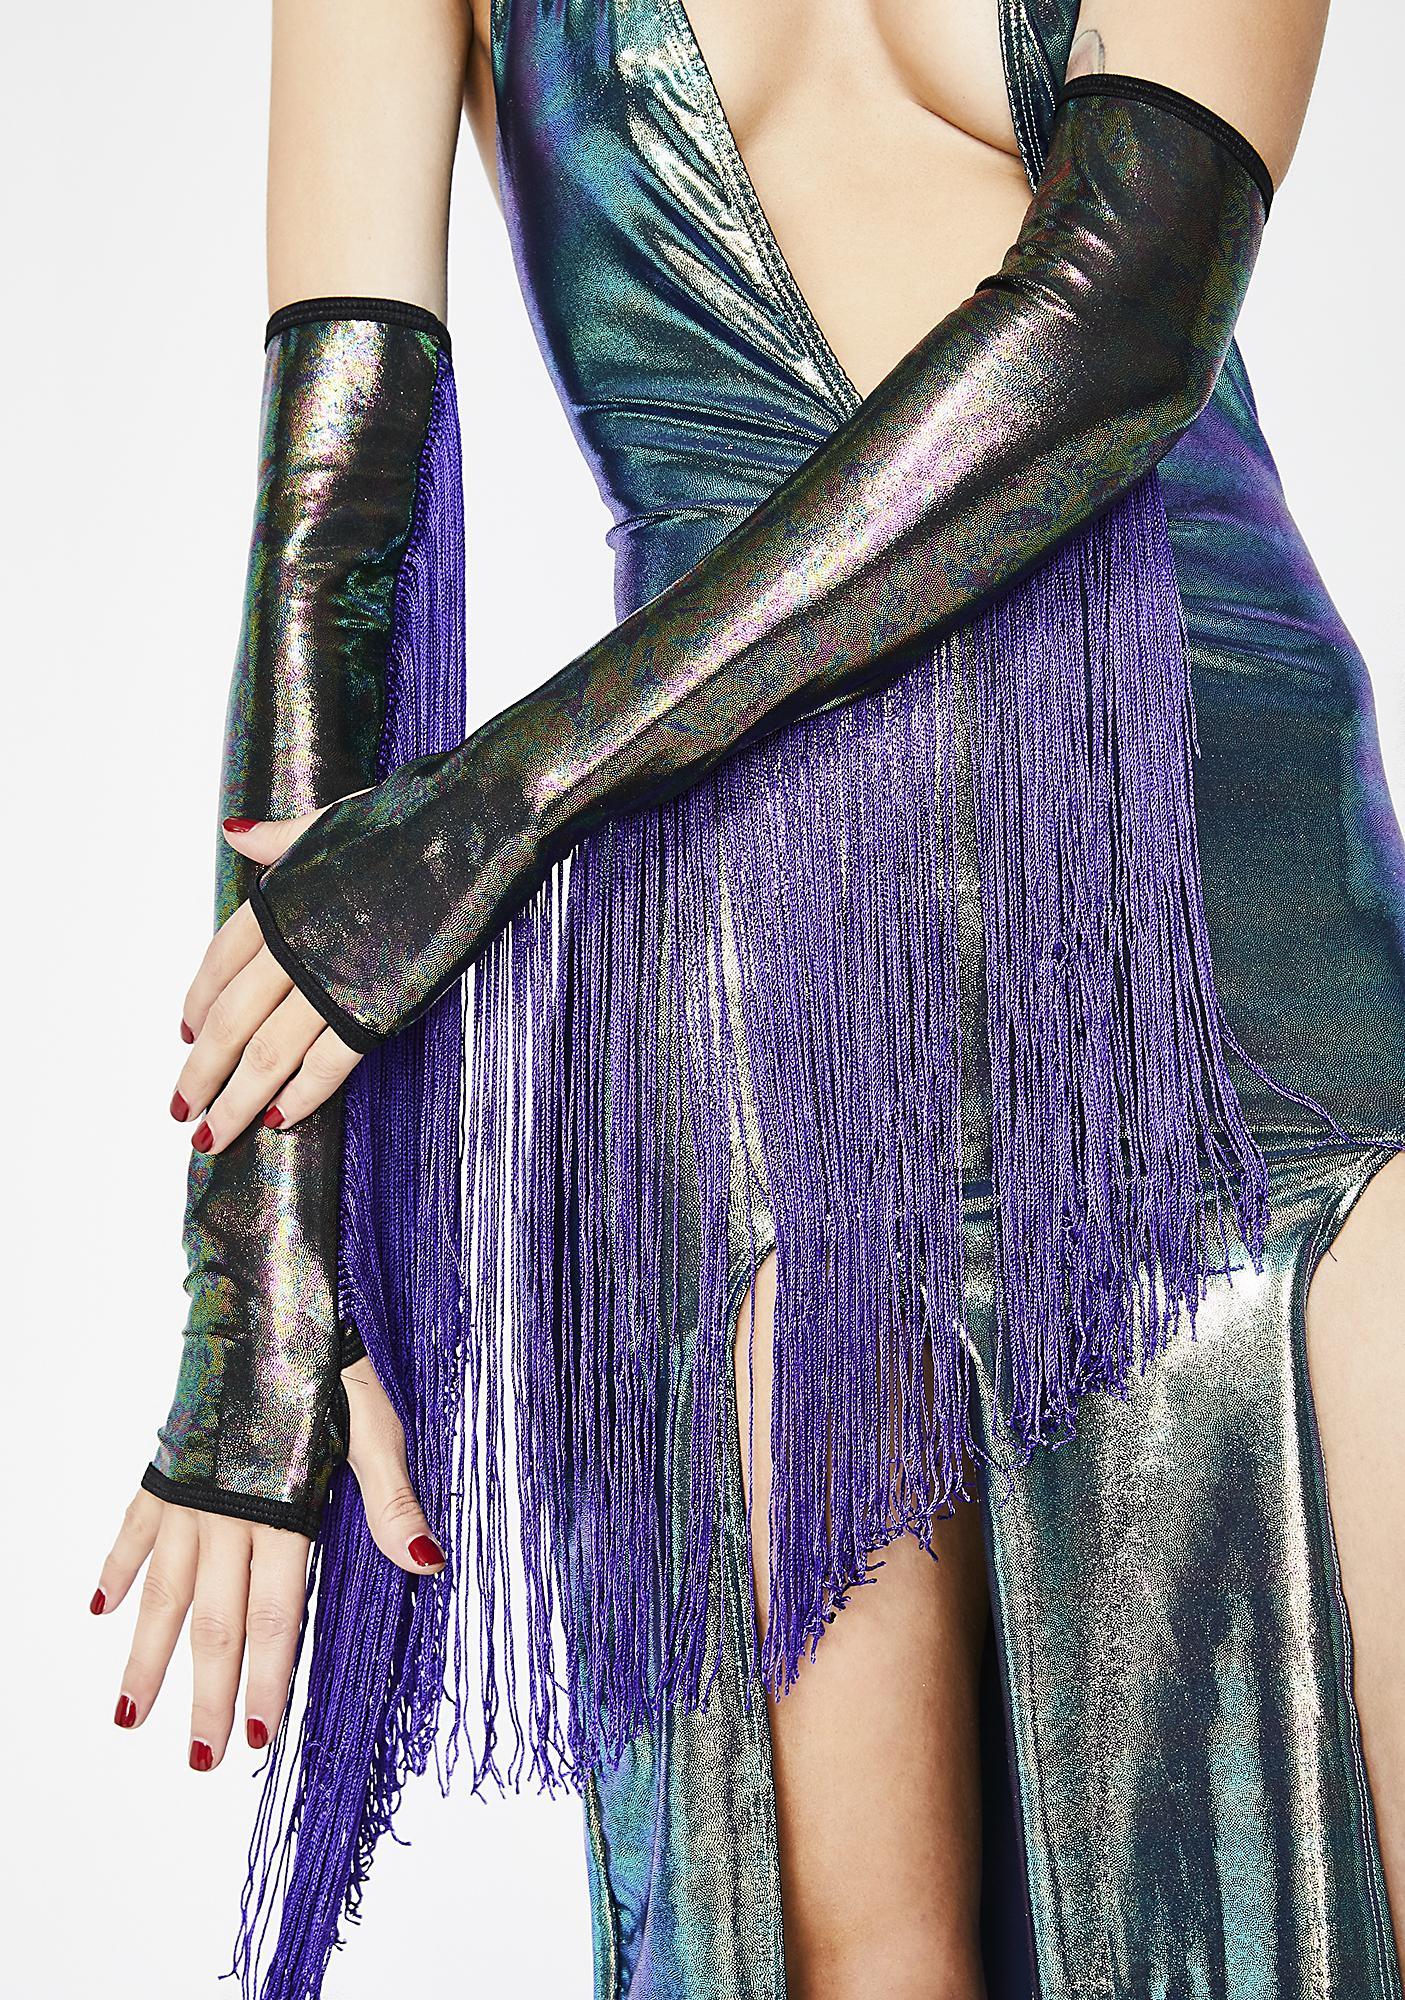 Club Exx Oil Slick Goddess Fringe Gloves